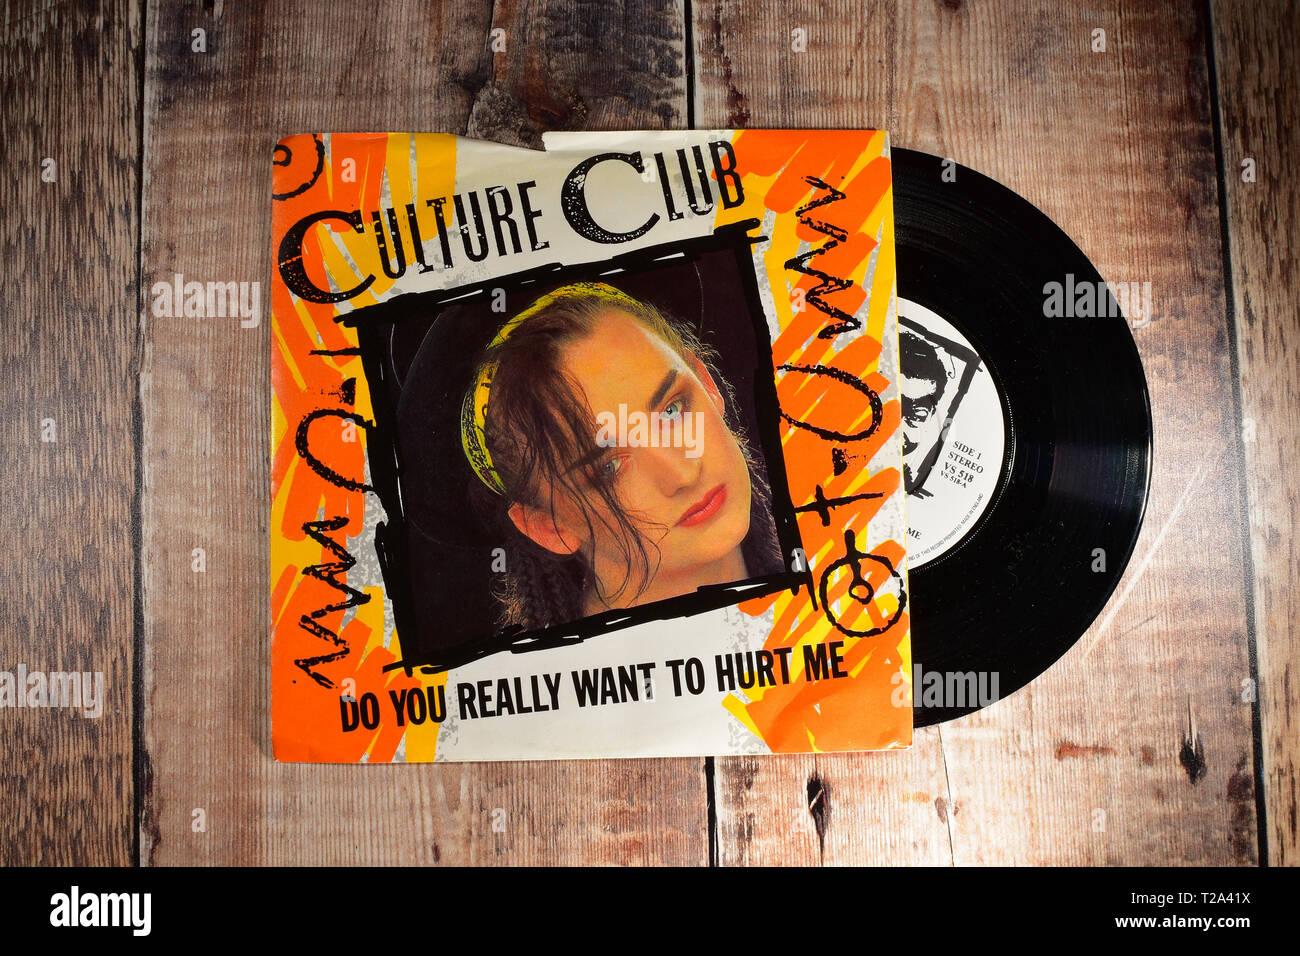 El Club de la cultura única de 17,78 cm, ¿realmente quieres hacerme daño Imagen De Stock